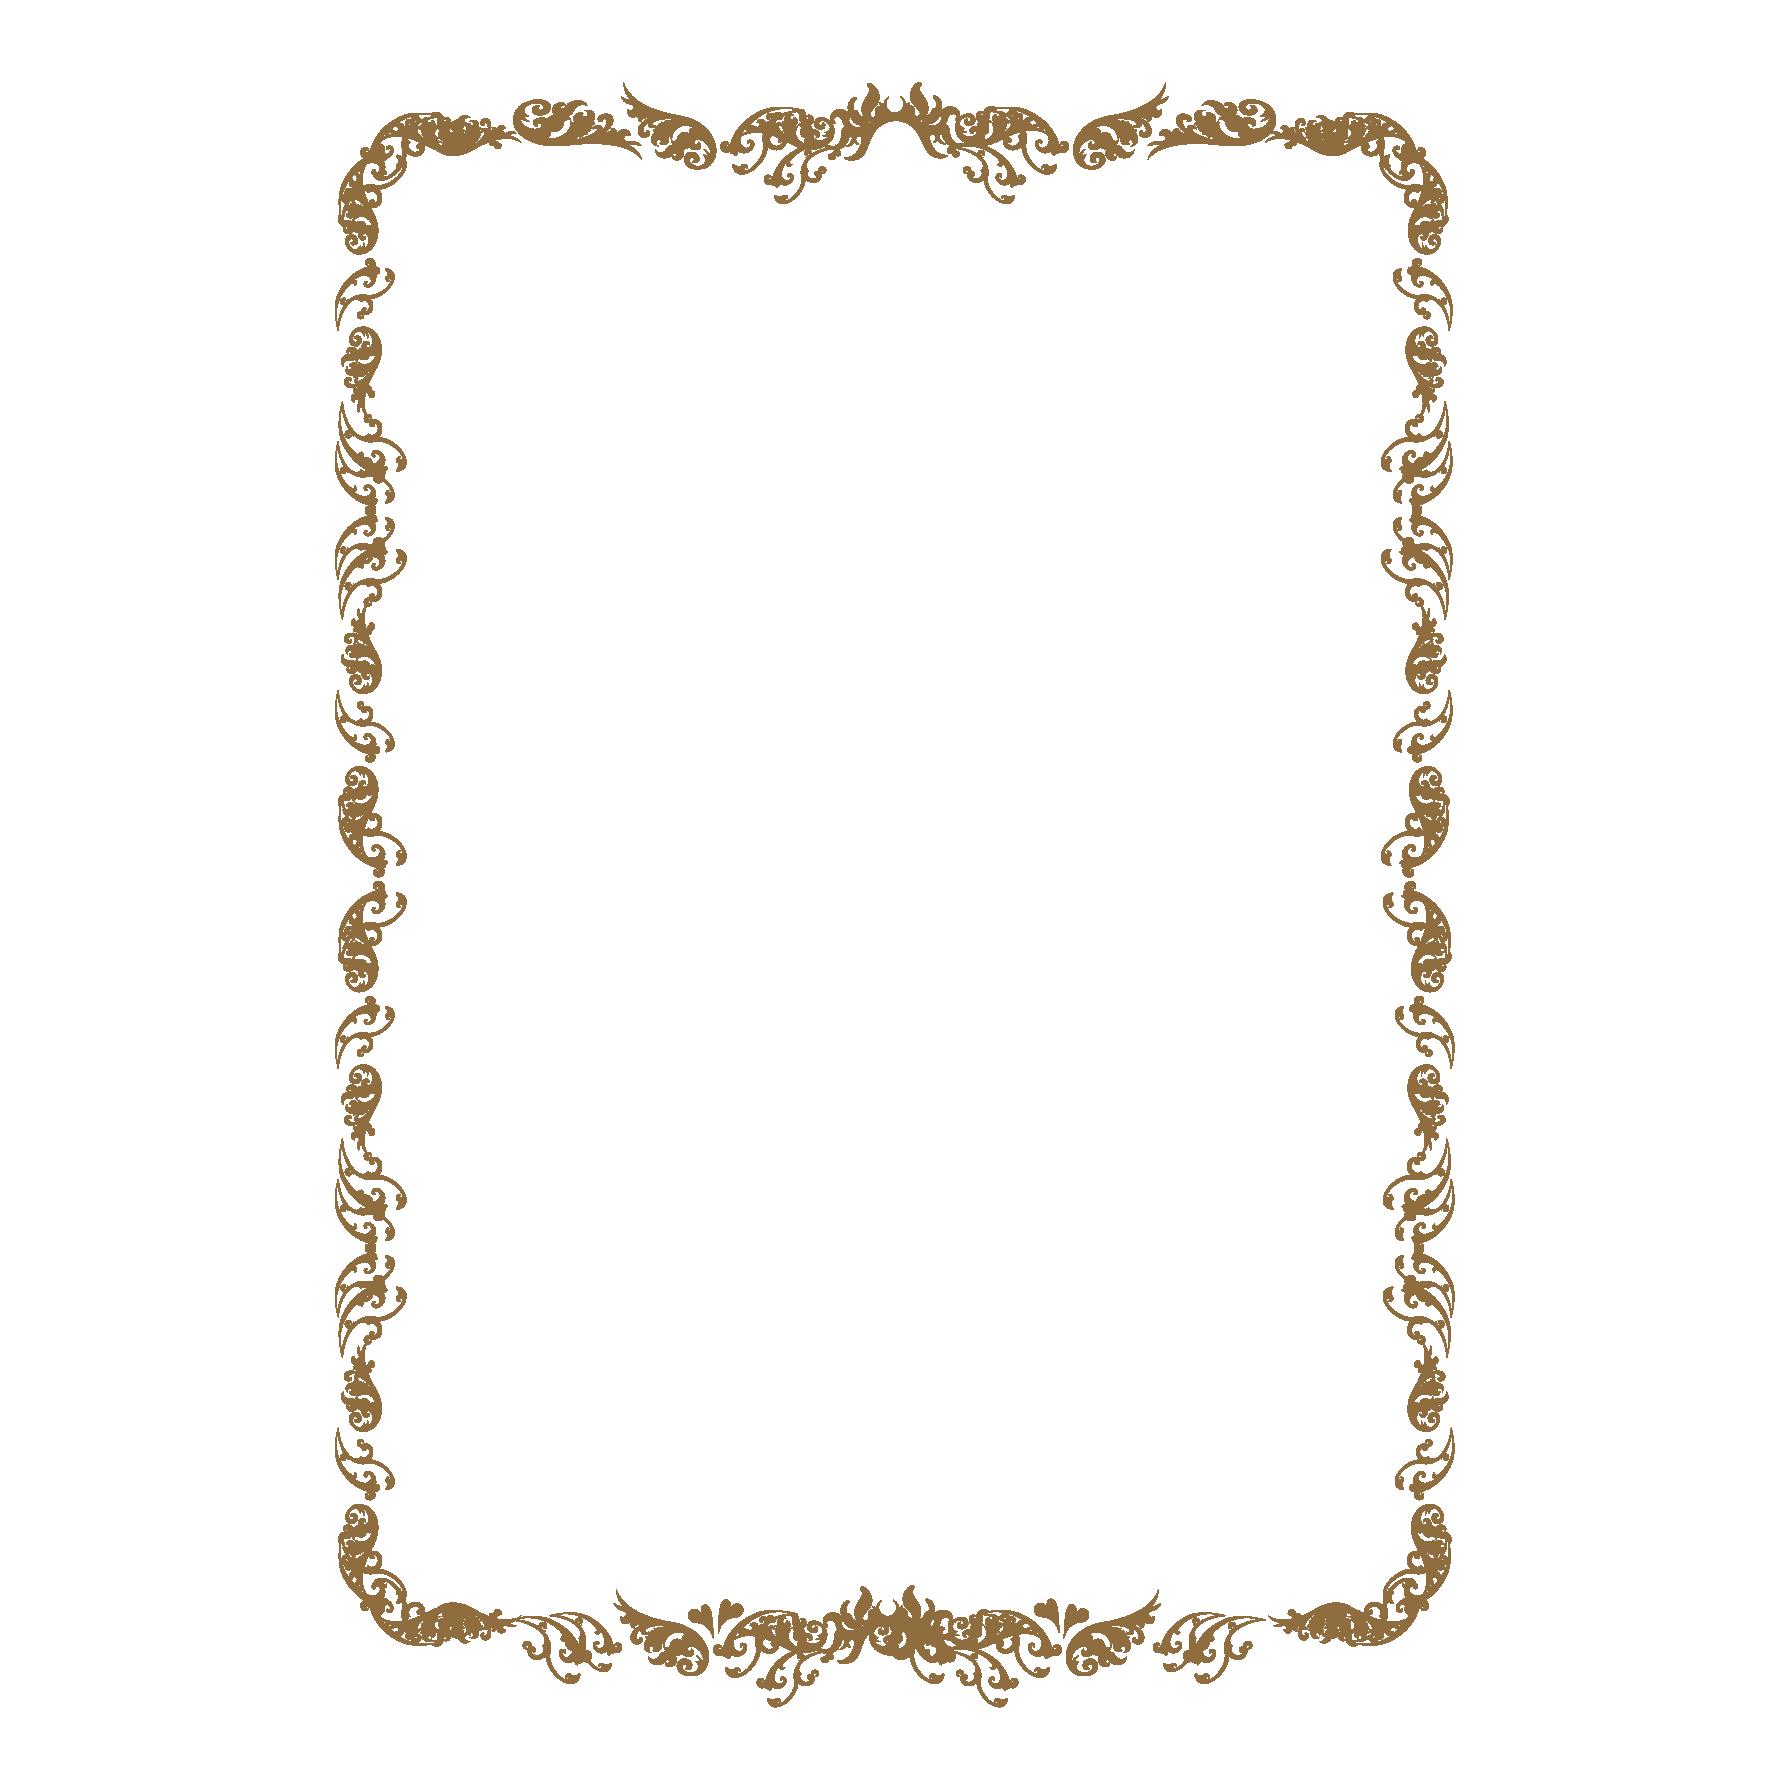 賞状(表彰状)の縦フレームのテンプレートイラスト | 商用フリー(無料